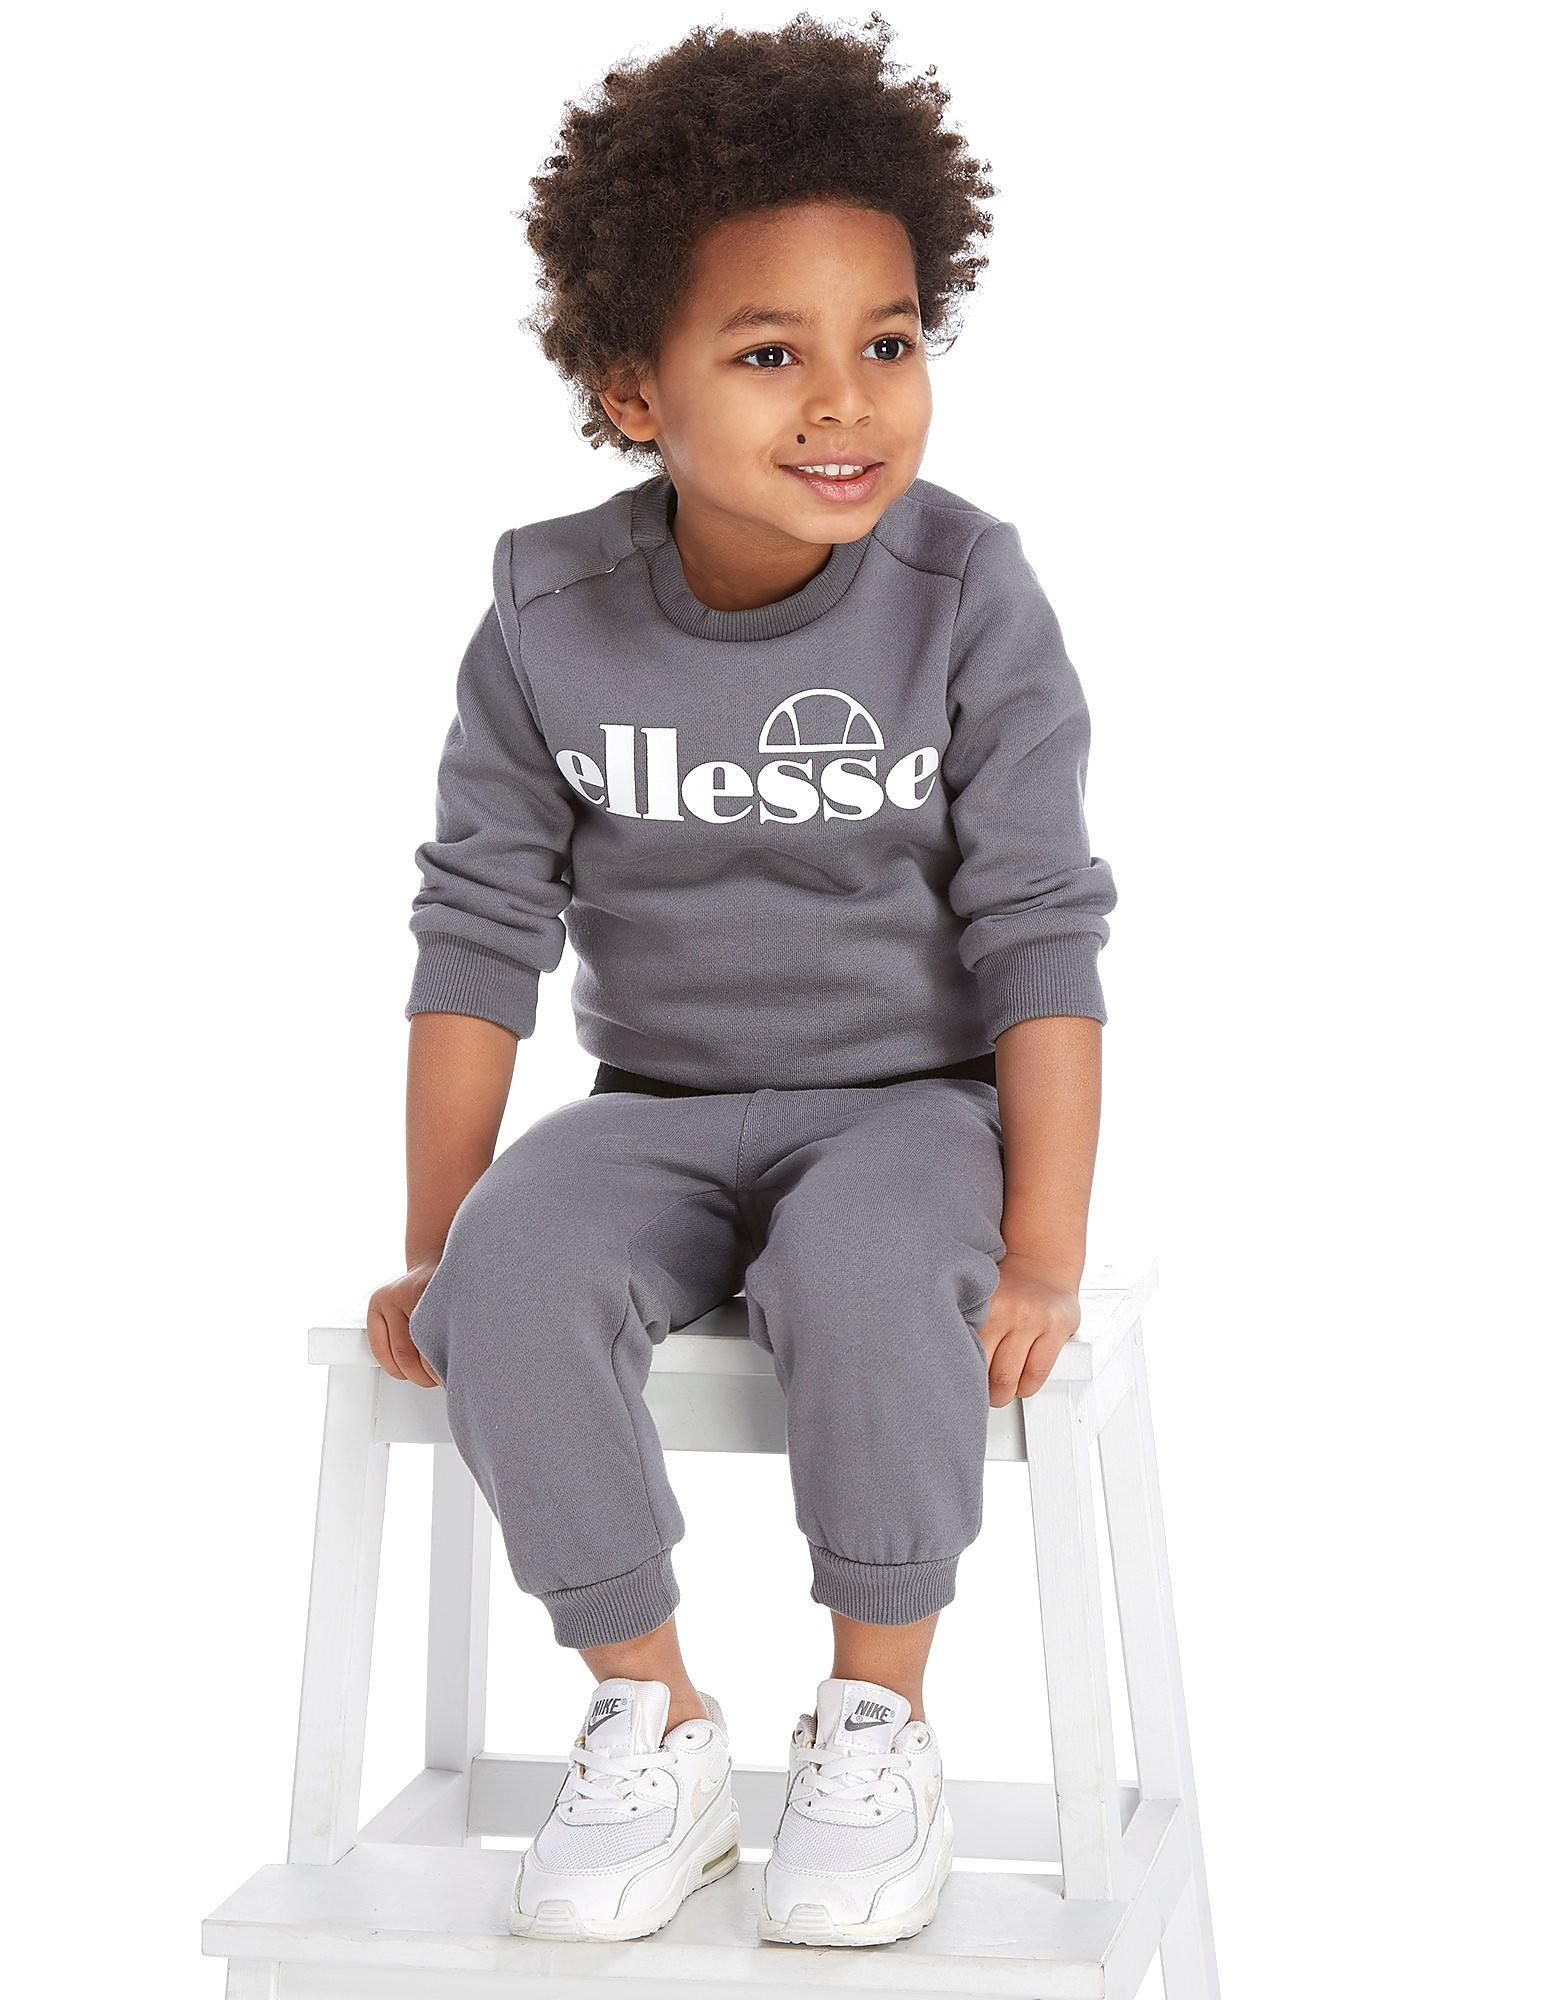 Ellesse Universo Crew Suit Infant